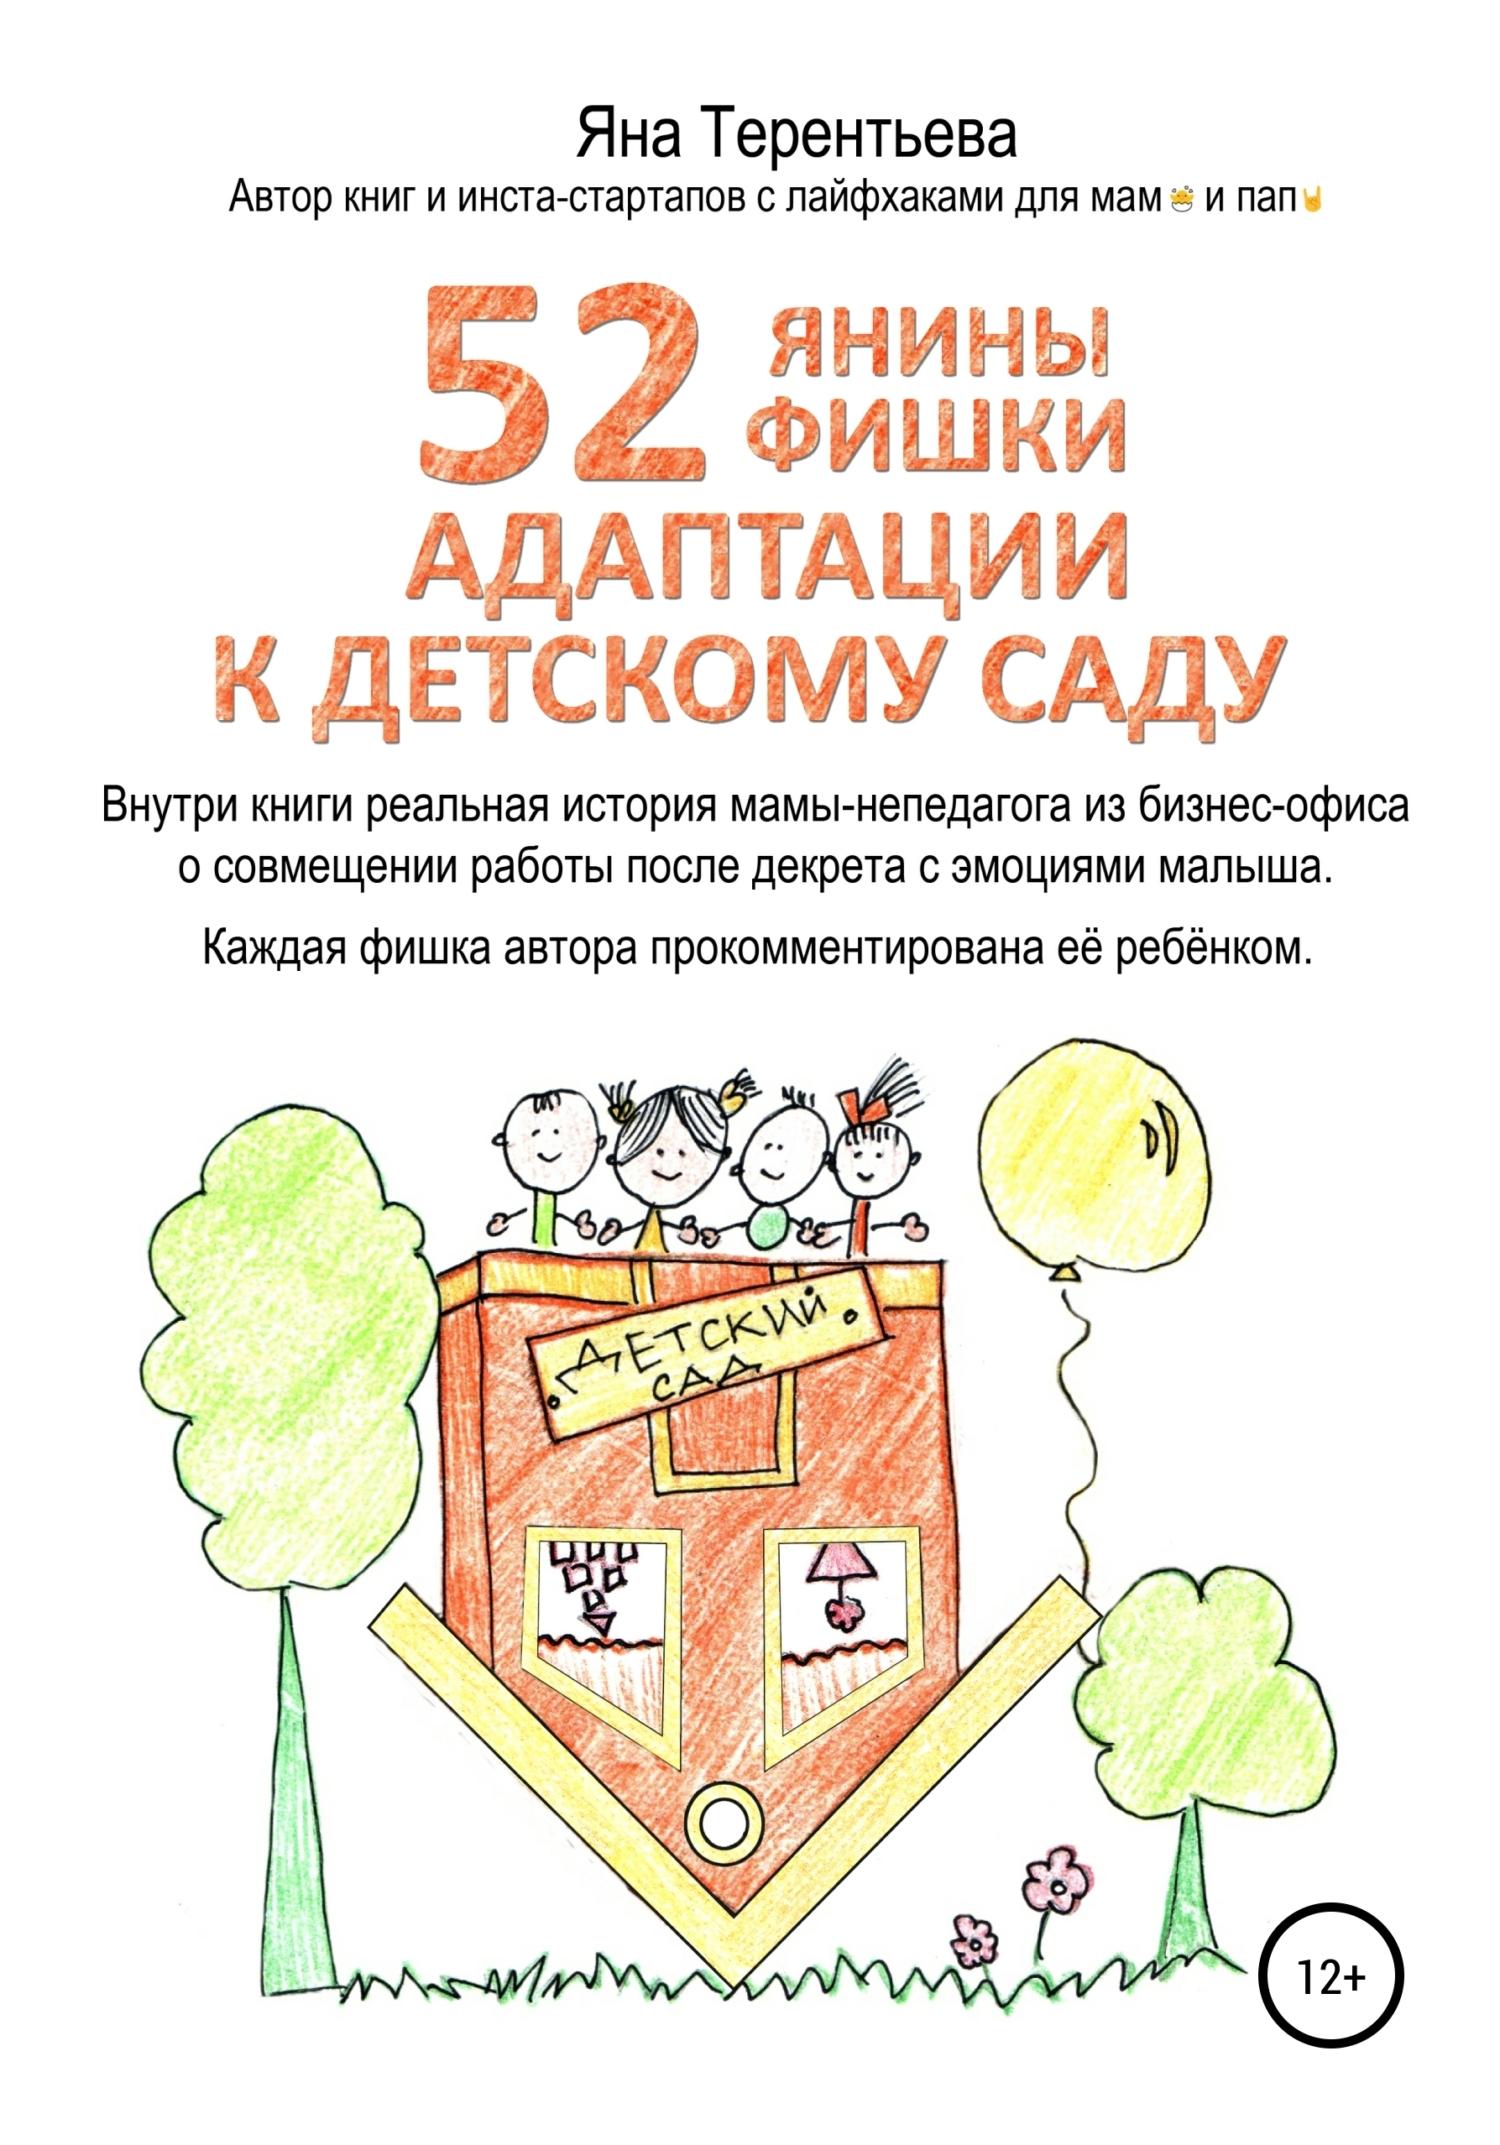 52янины фишки адаптации к детскому саду